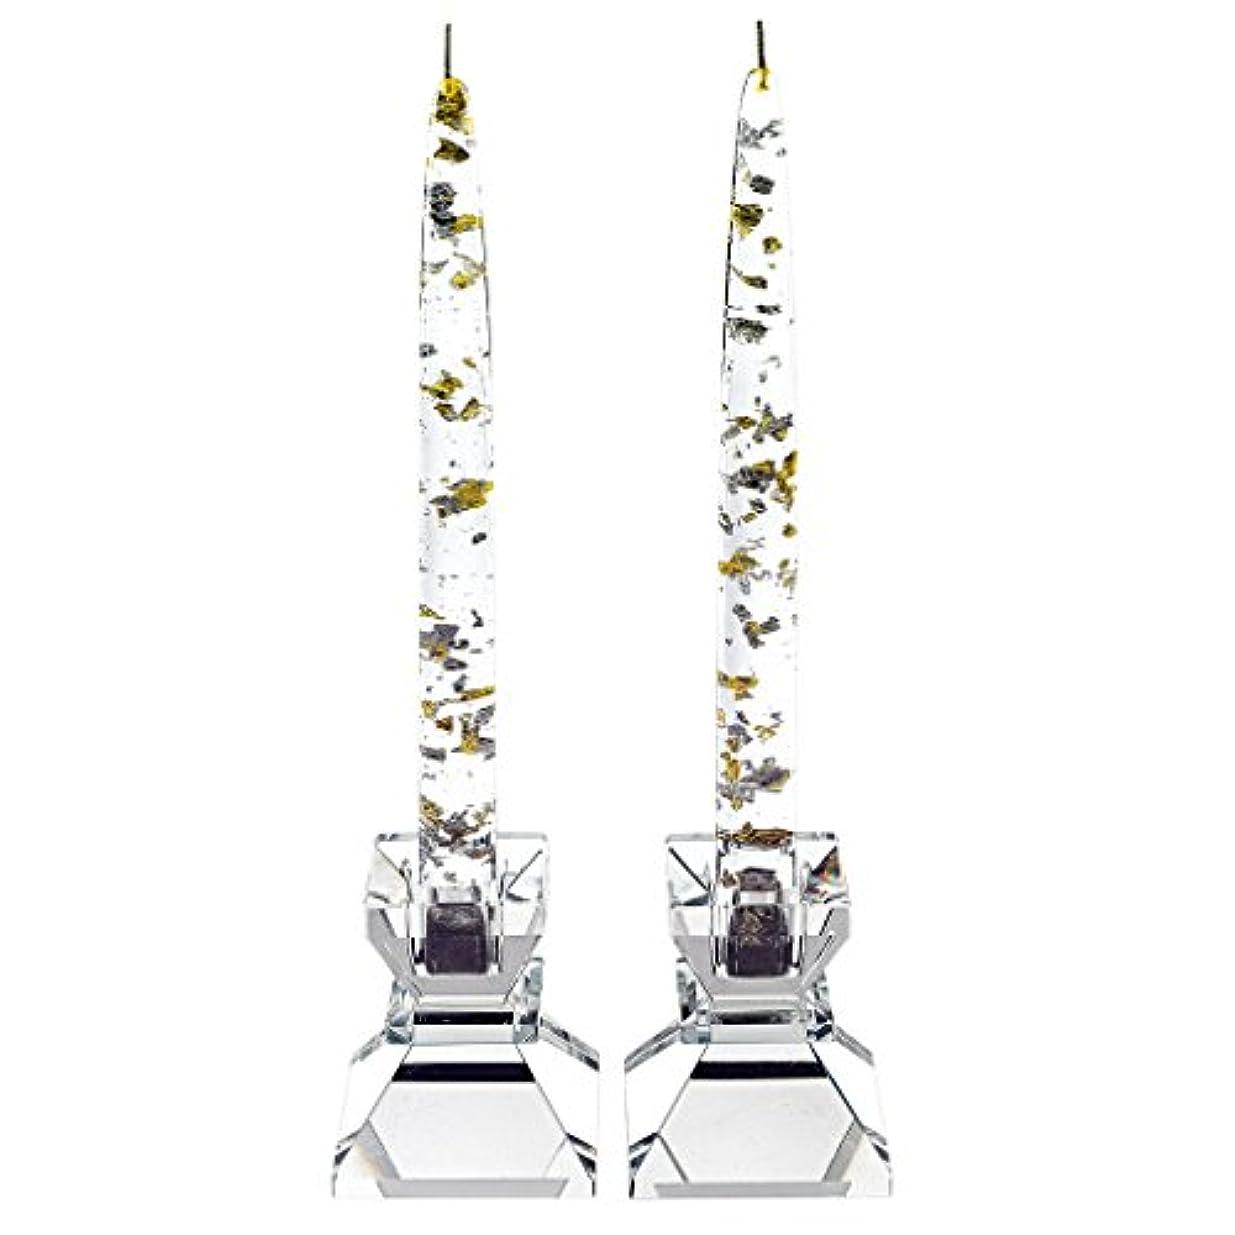 中央値バンガロー移行するBadash Crystal G121 SILVER - GOLD FLECK 8 in. CANDLE